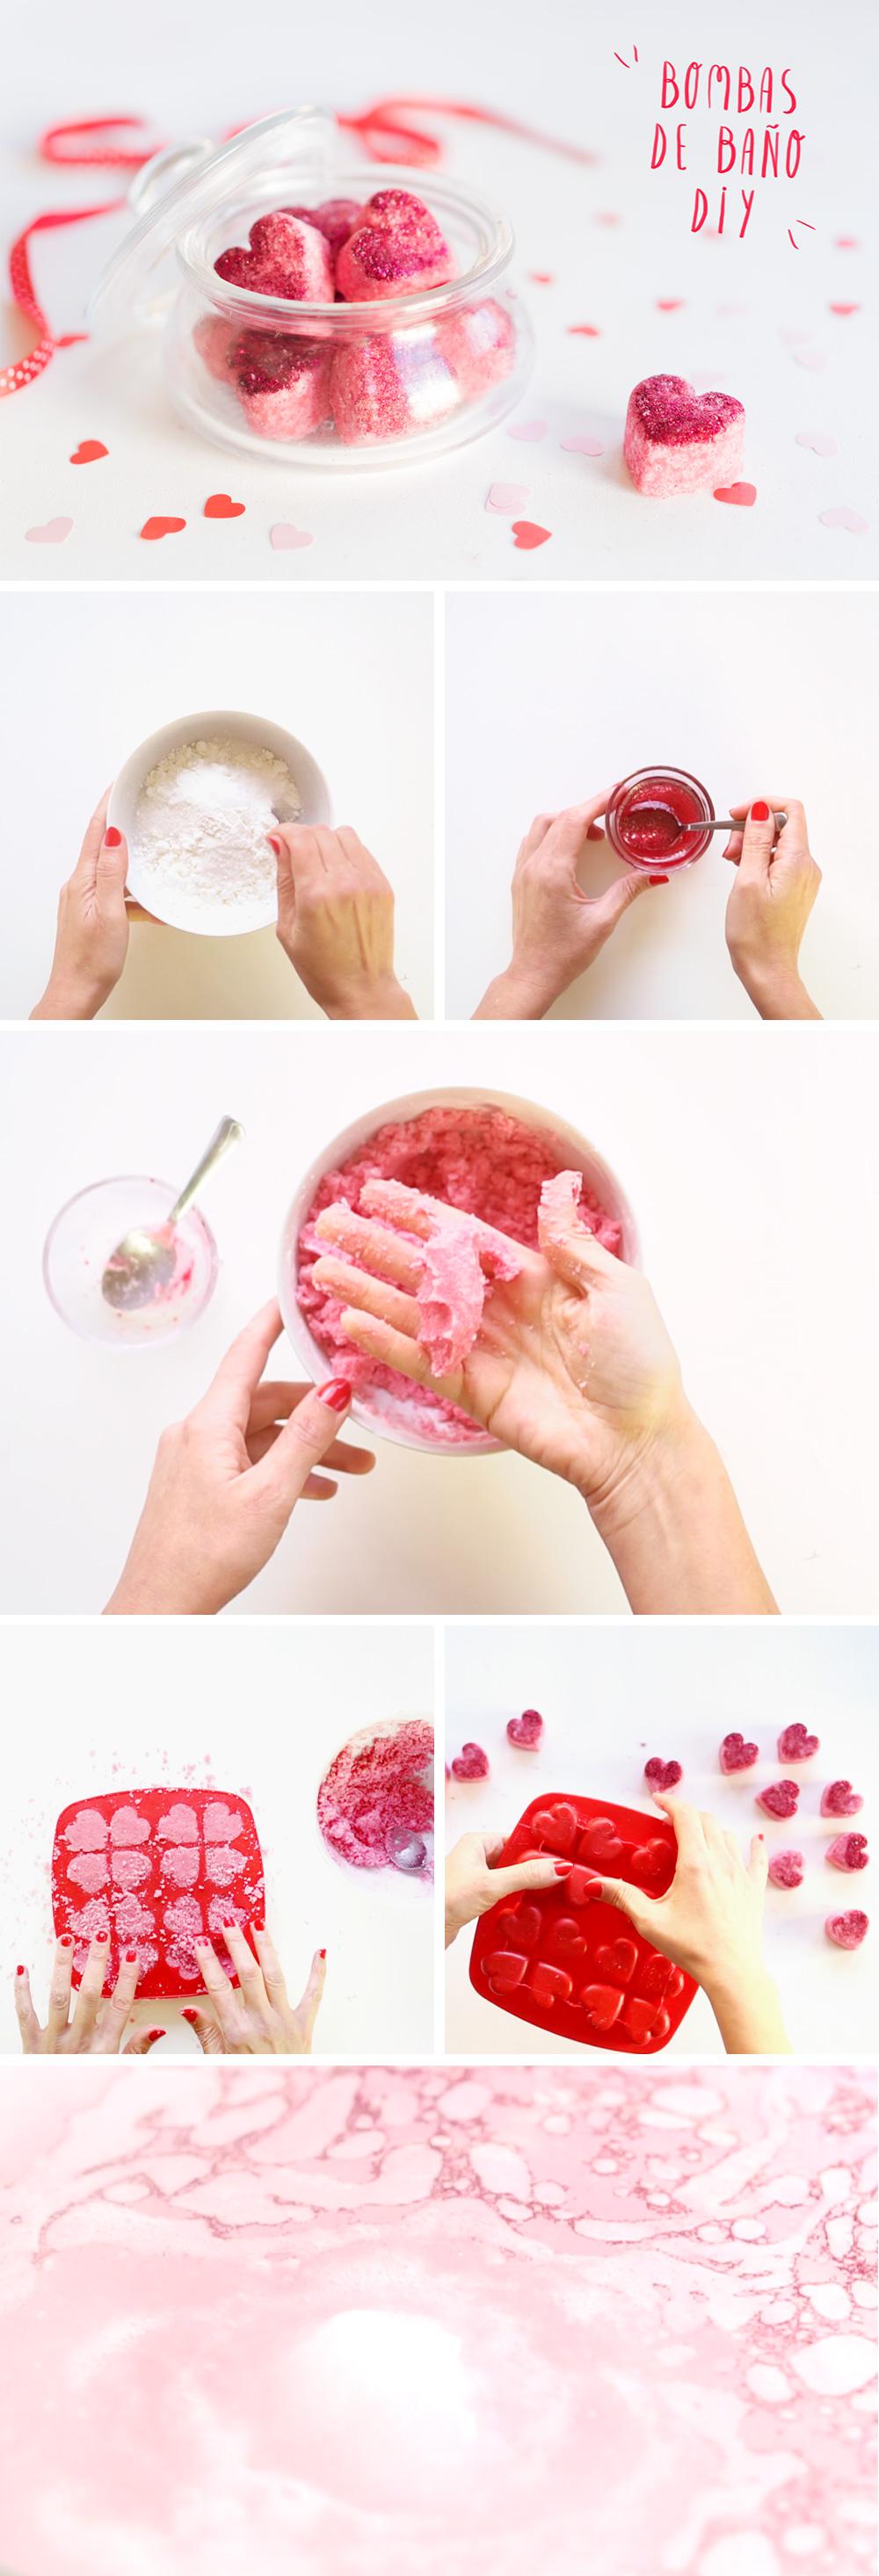 Cómo hacer bombas de baño efervescentes ¡versión San Valentín! Viso en